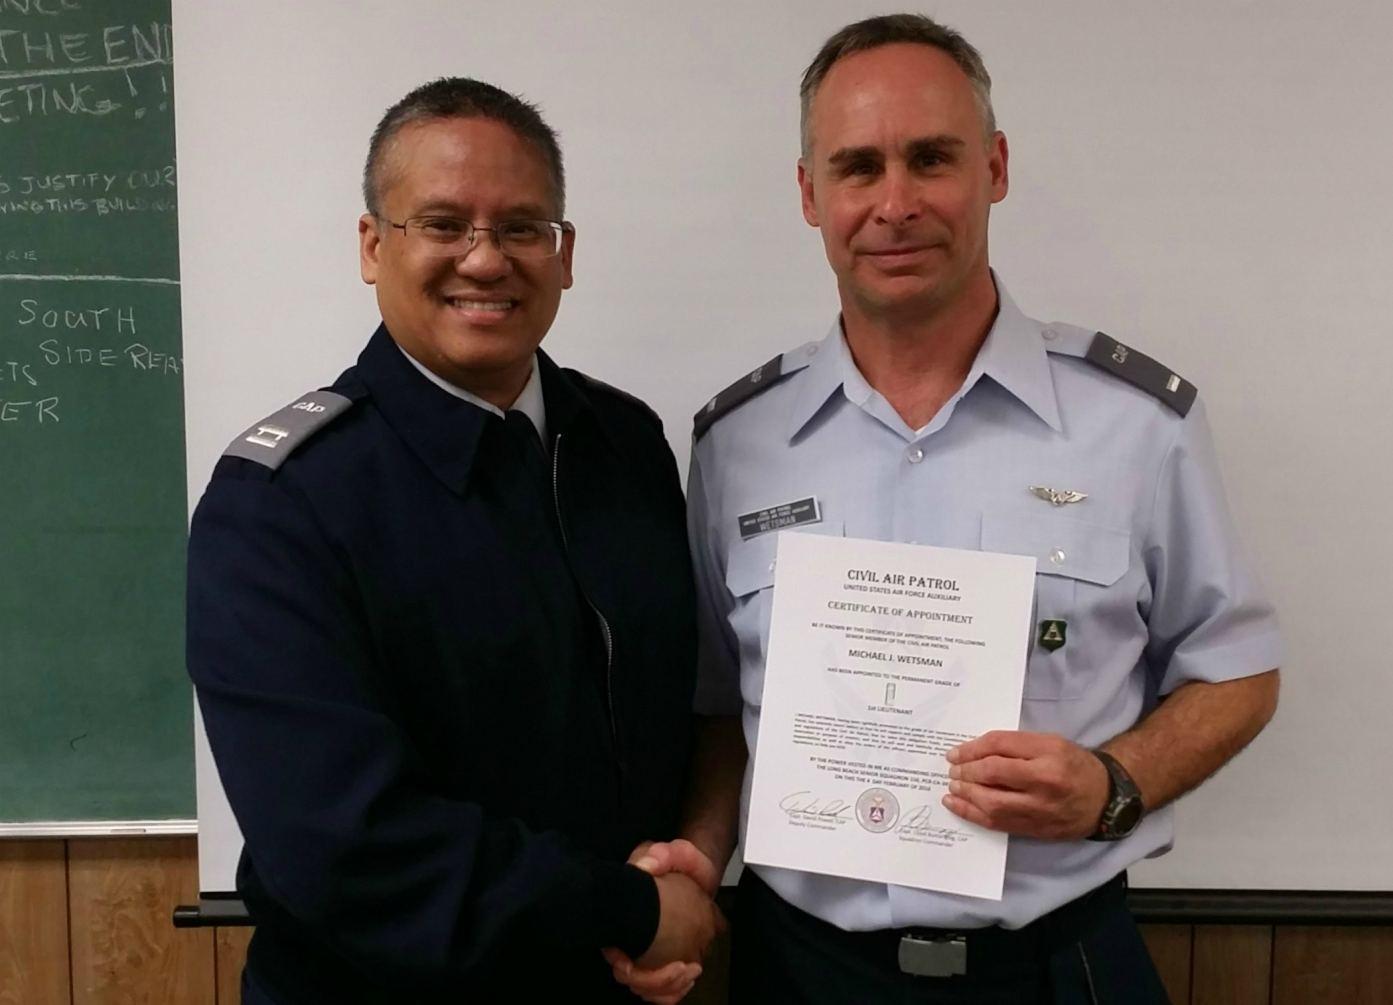 Capt. Lloyd Bumanglag (L) congratulates 1st Lt. Michael Wetsman (R)